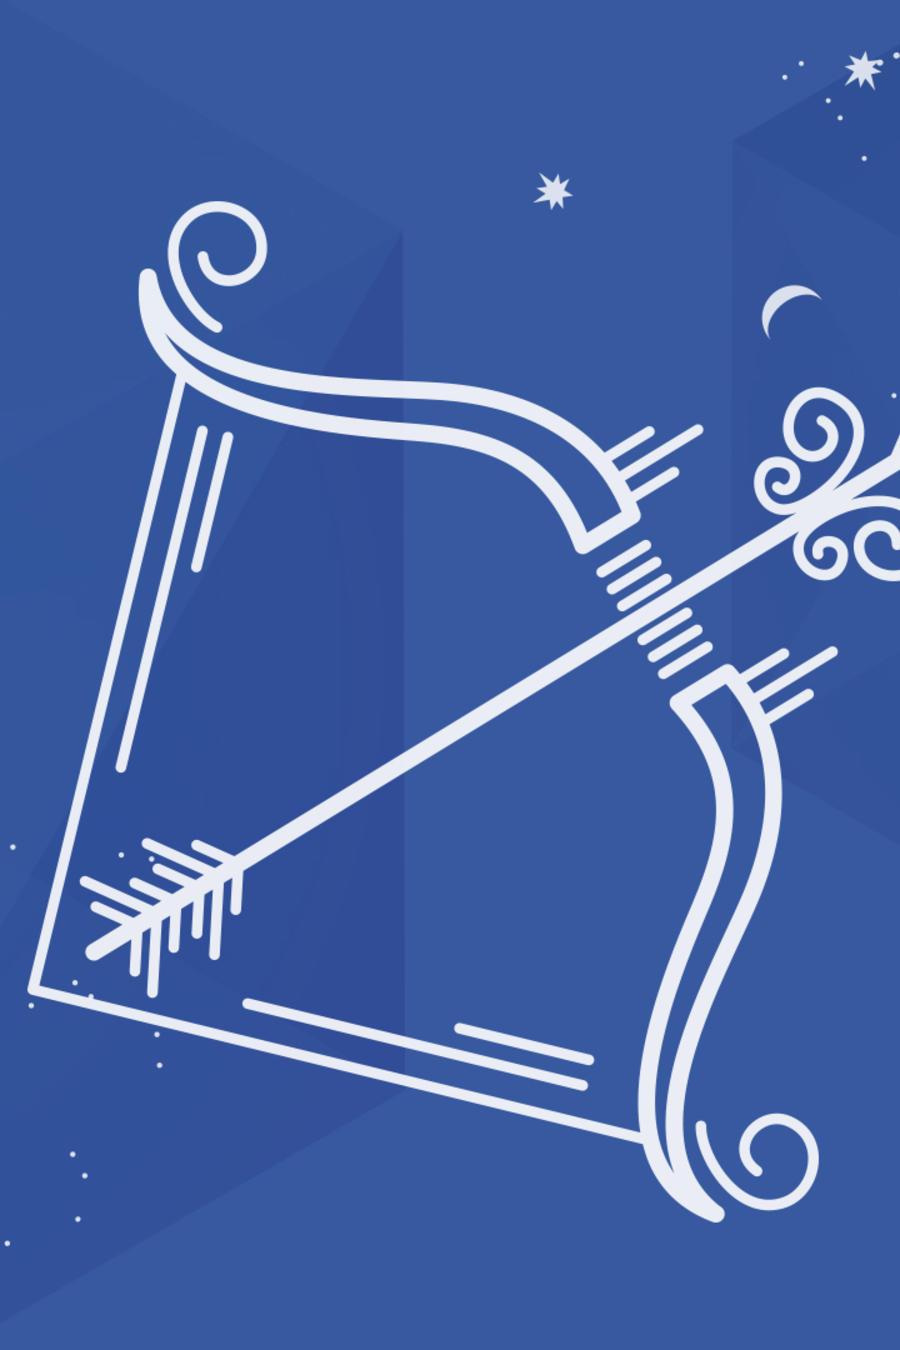 Horóscopo zodiacal signo Sagitario